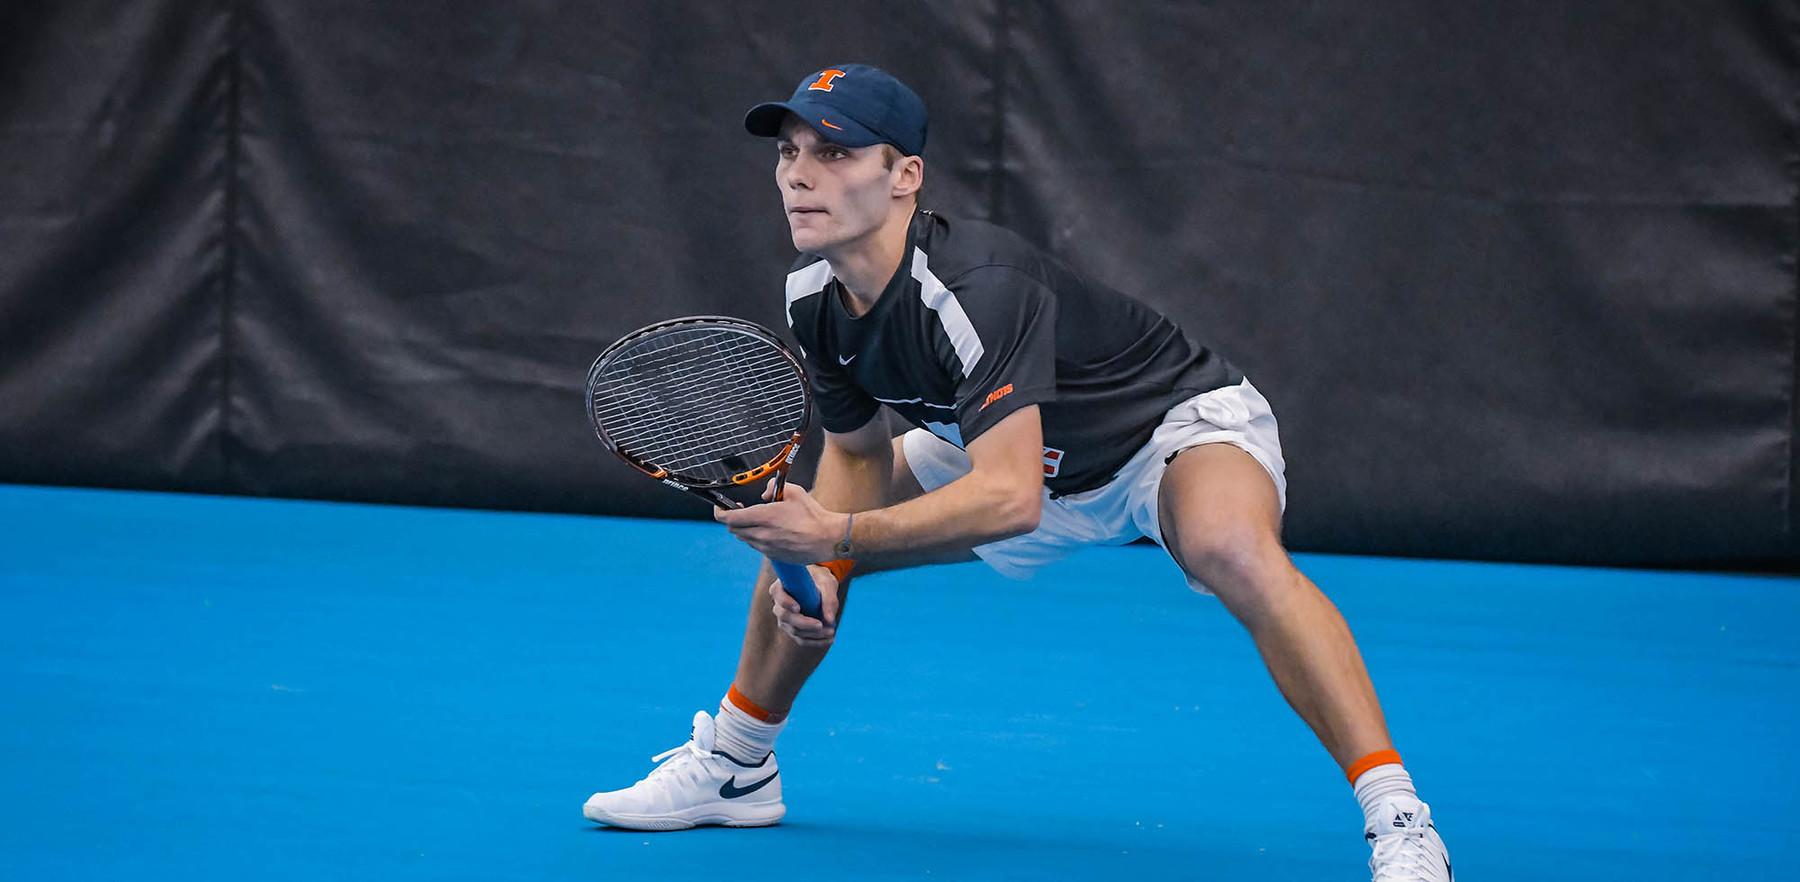 Illini tennis player Zeke Clark